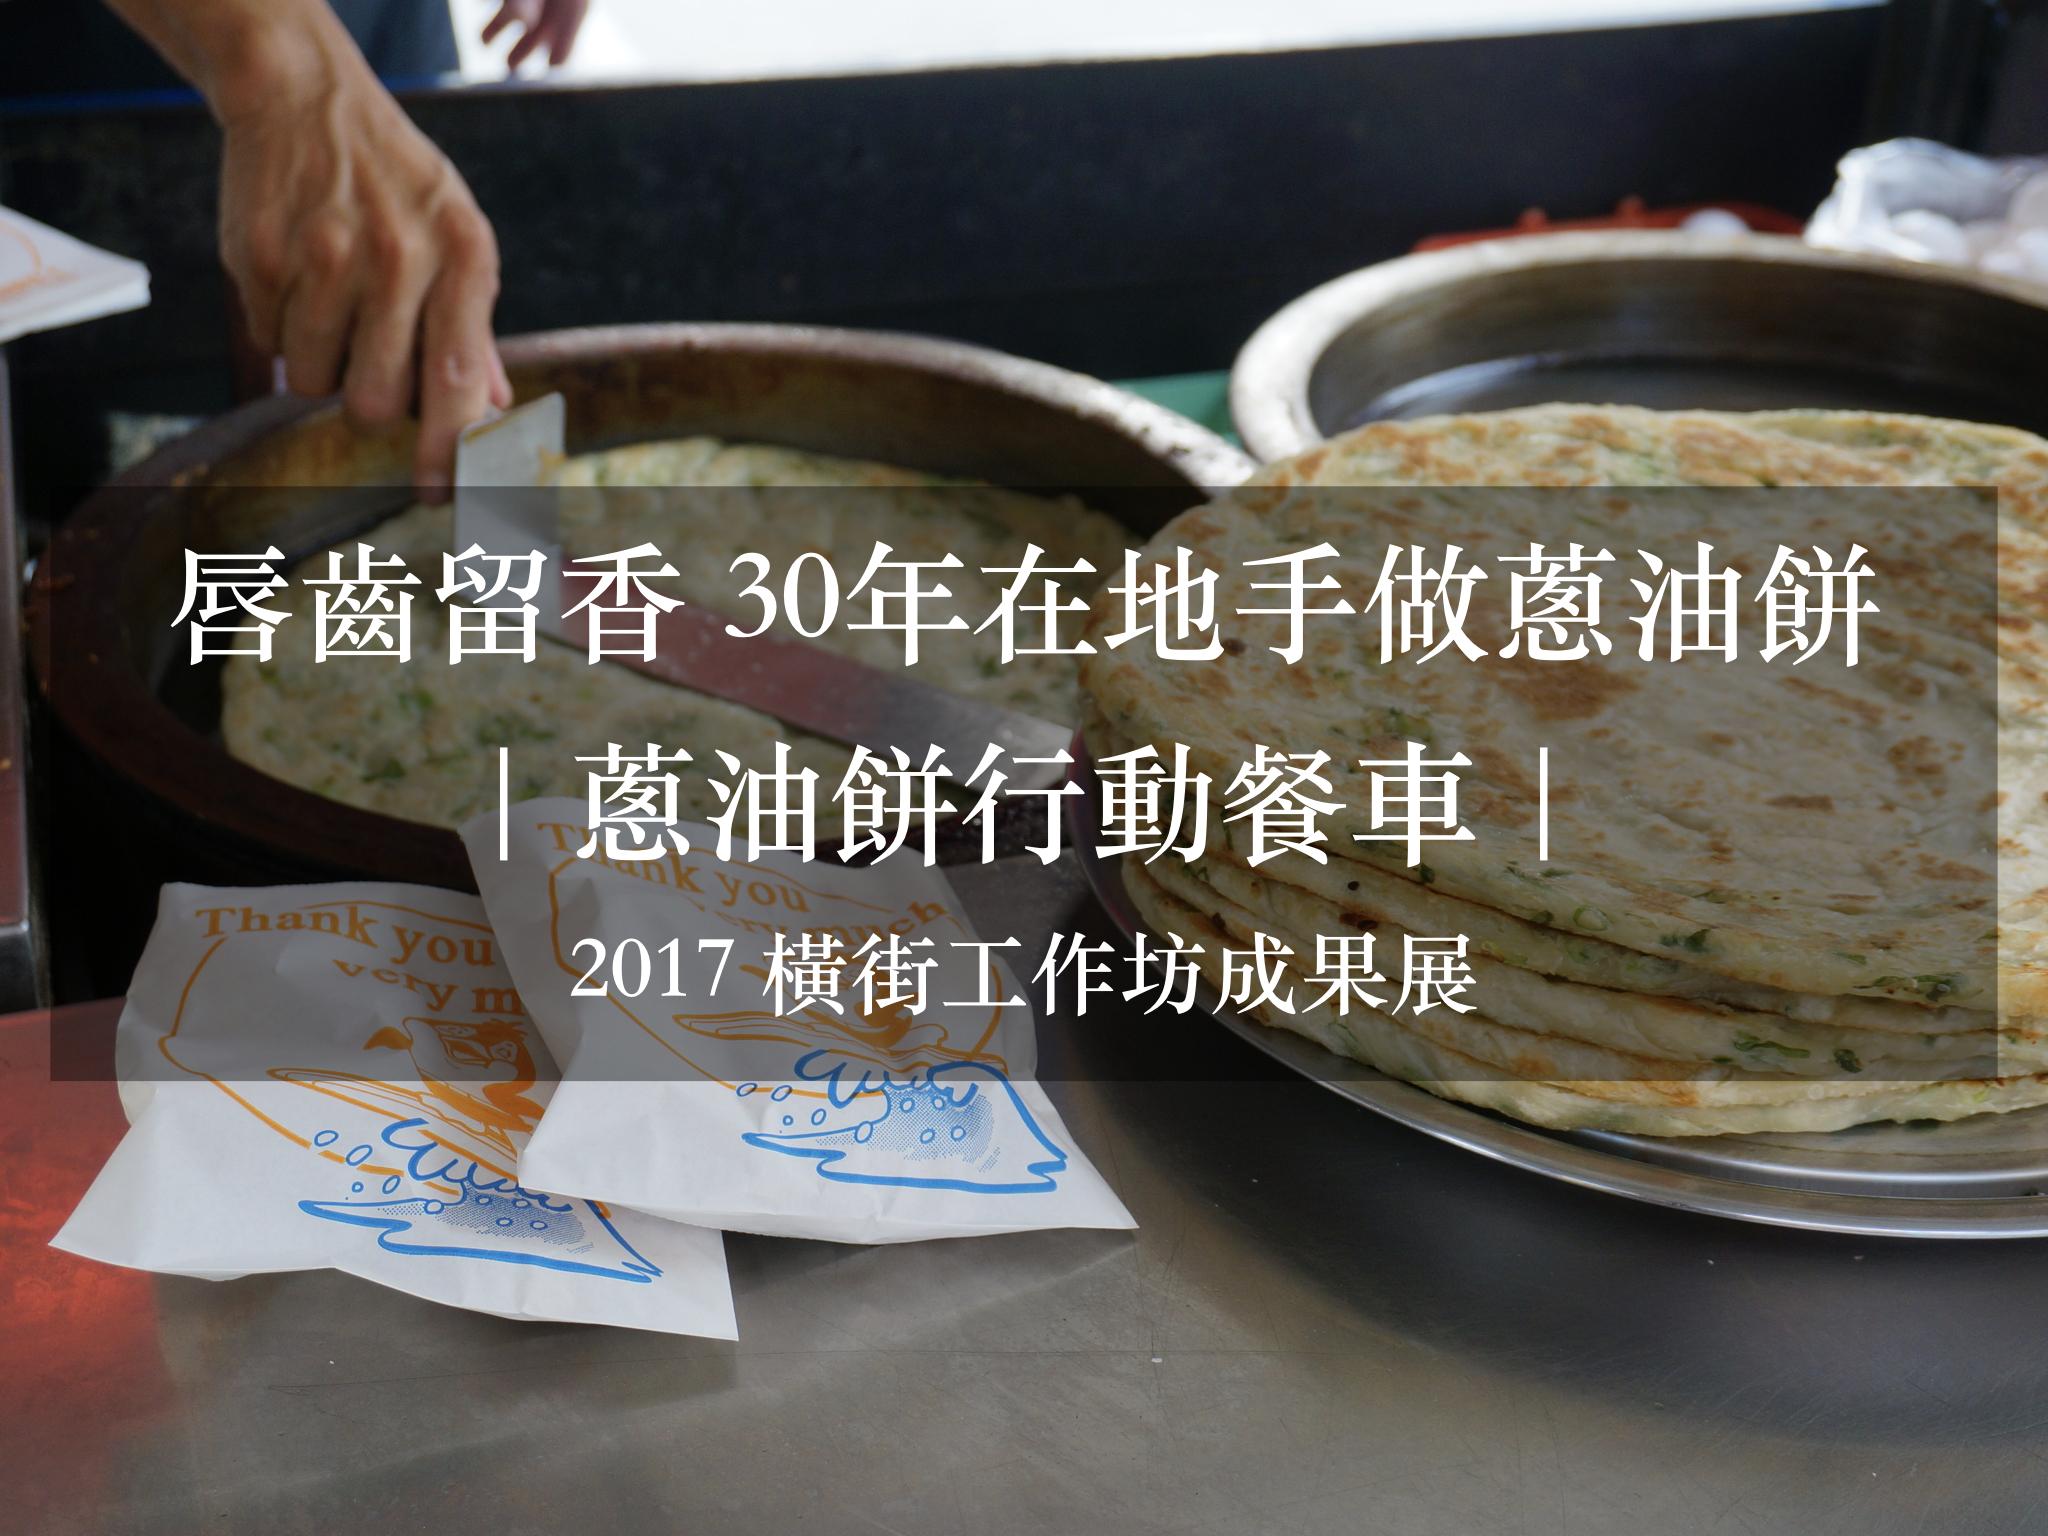 唇齒留香 30年在地手做蔥油餅|蔥油餅行動餐車|2017 鹿港橫街工作坊成果展